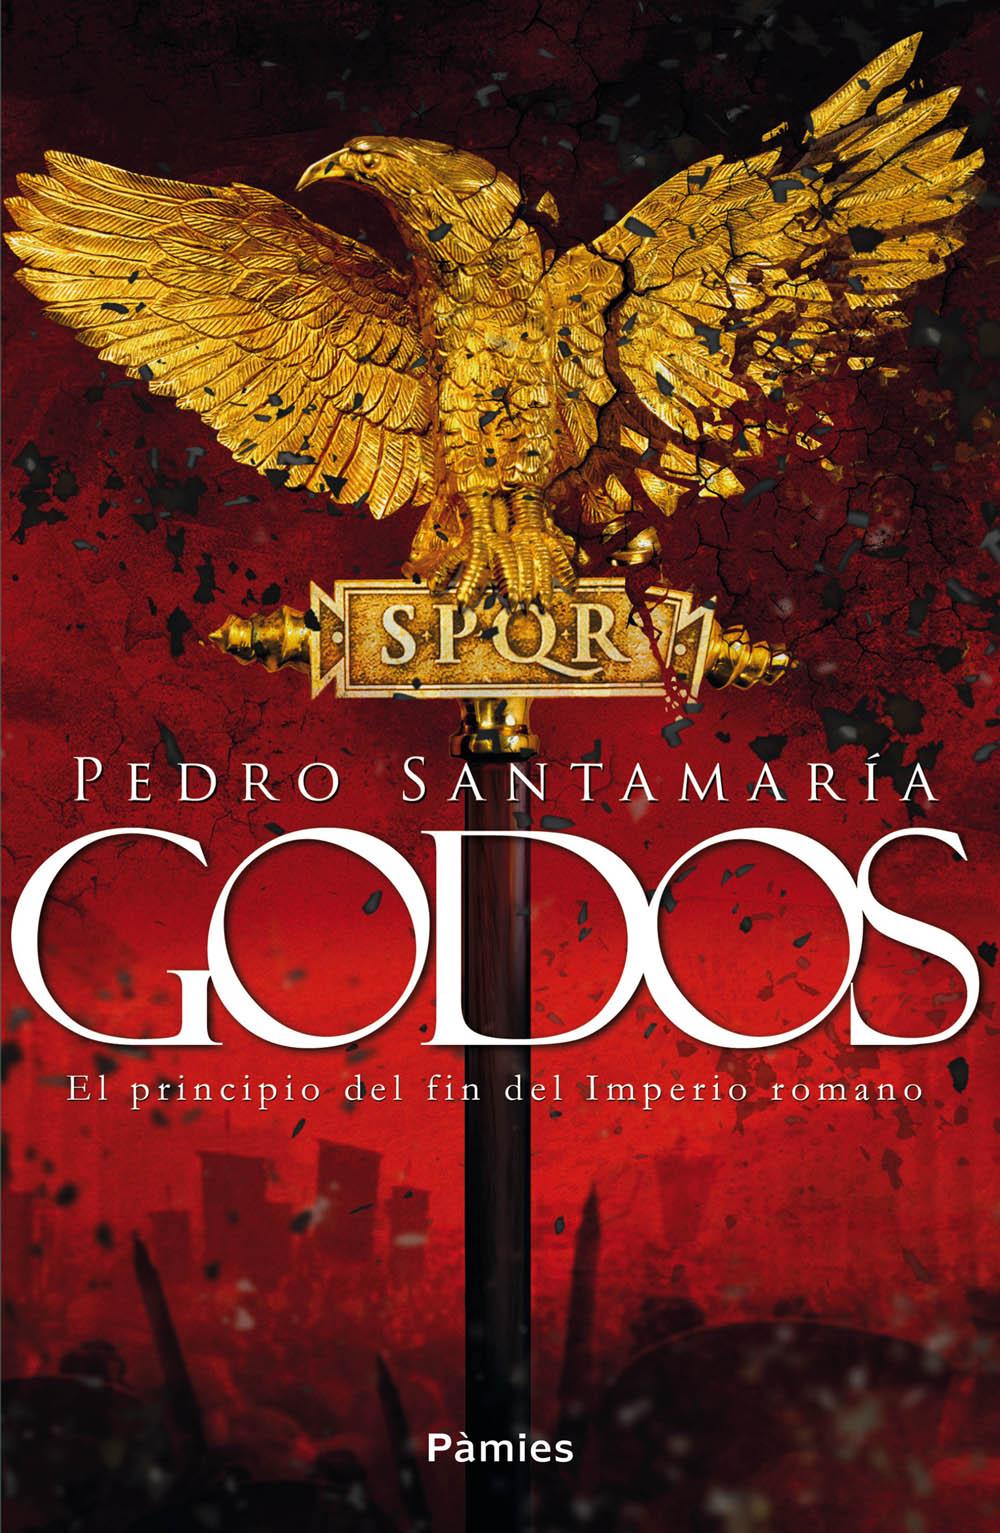 GODOS - Pedro Santamaría